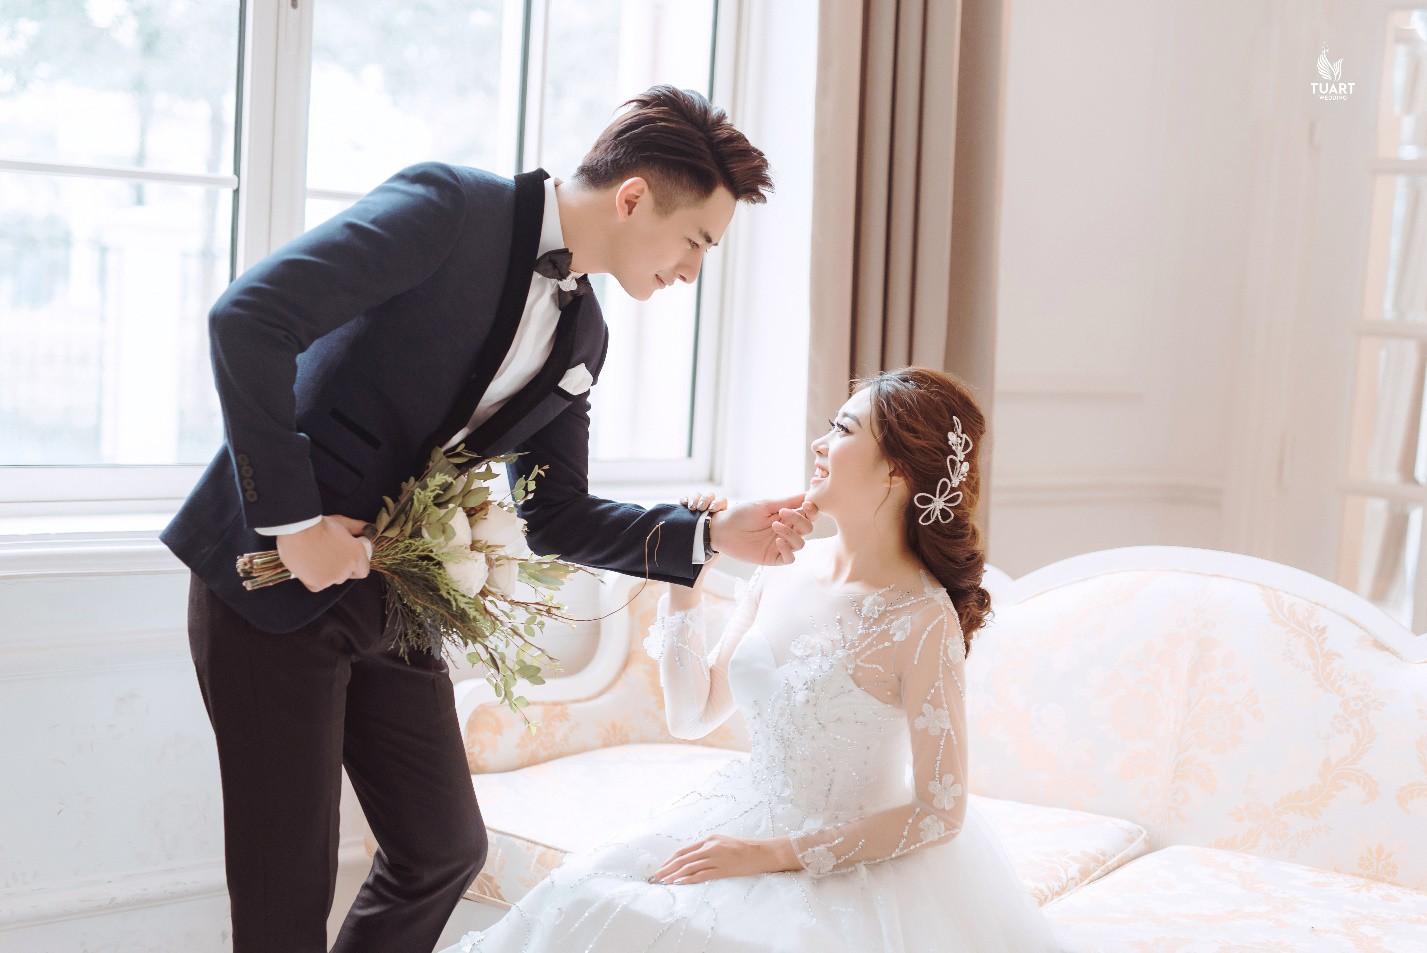 """Phong cách chụp ảnh cưới """"gây bão"""" mùa cưới 2019 – 2020 - Ảnh 6."""